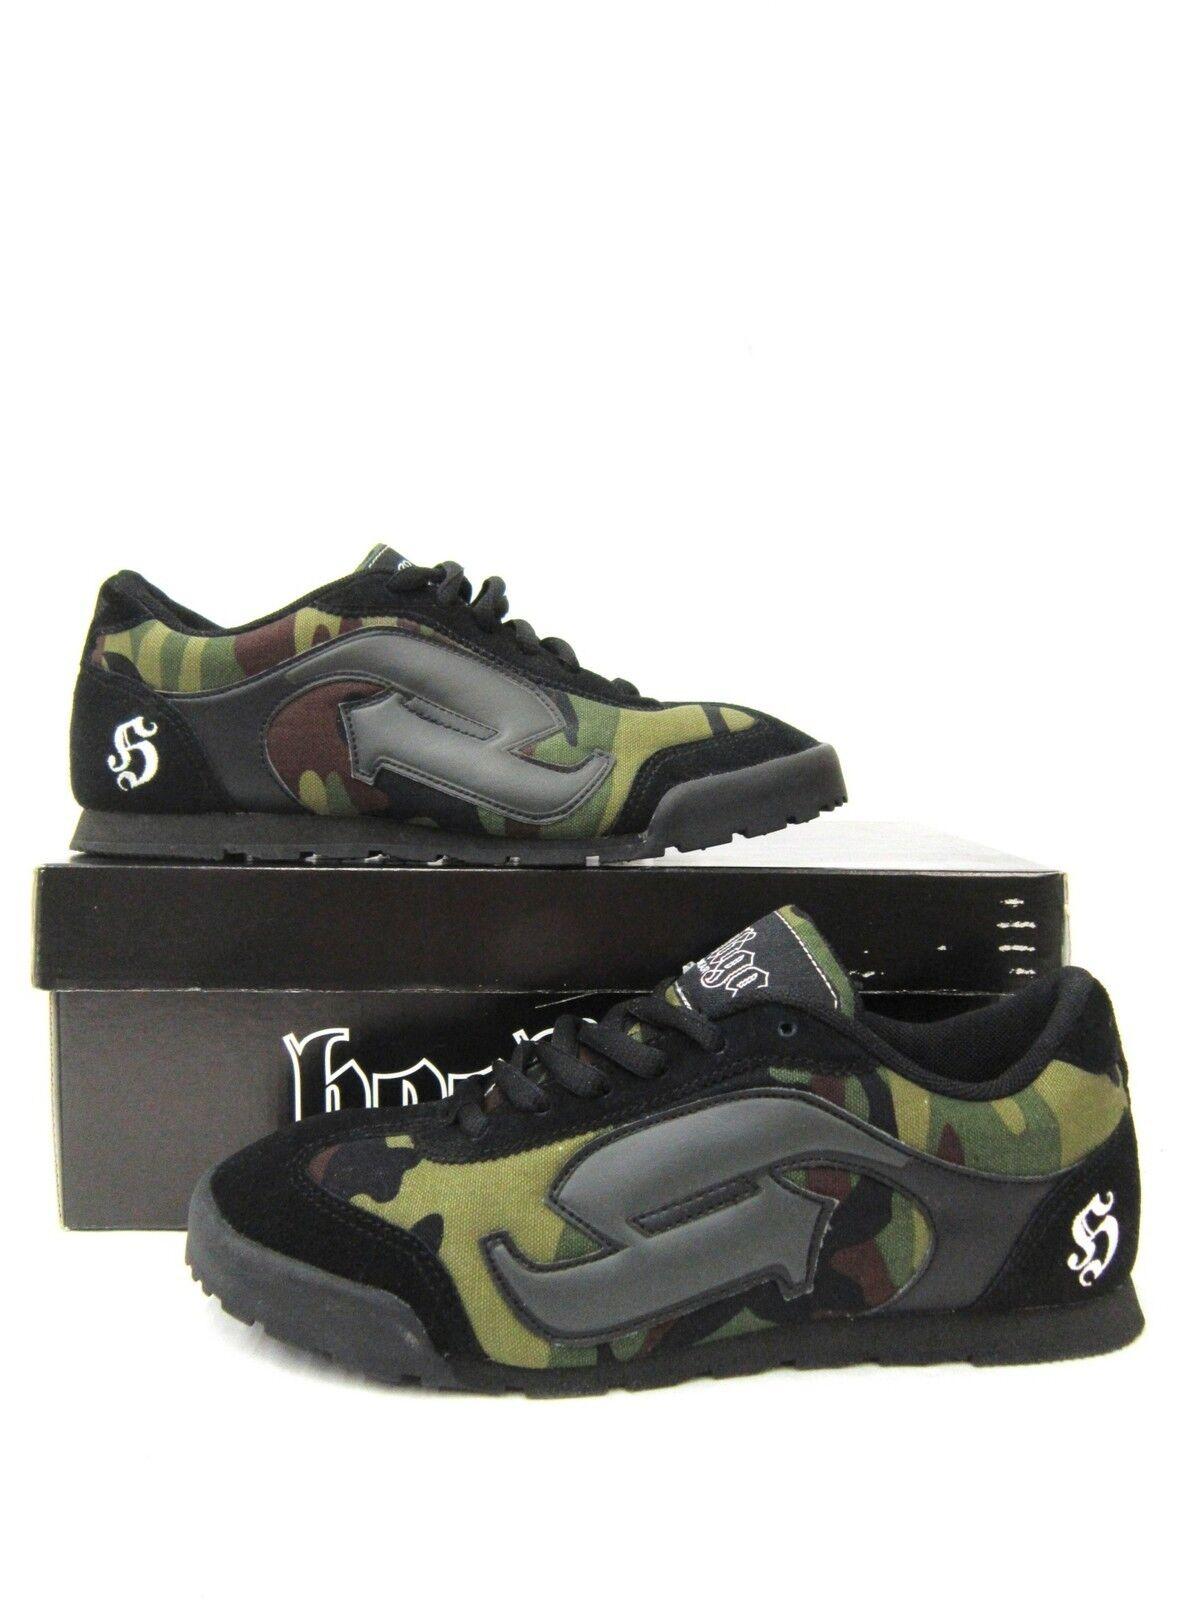 Hooligan Sneaker Schuh Schuh Schuh Camouflage #5001 b65311